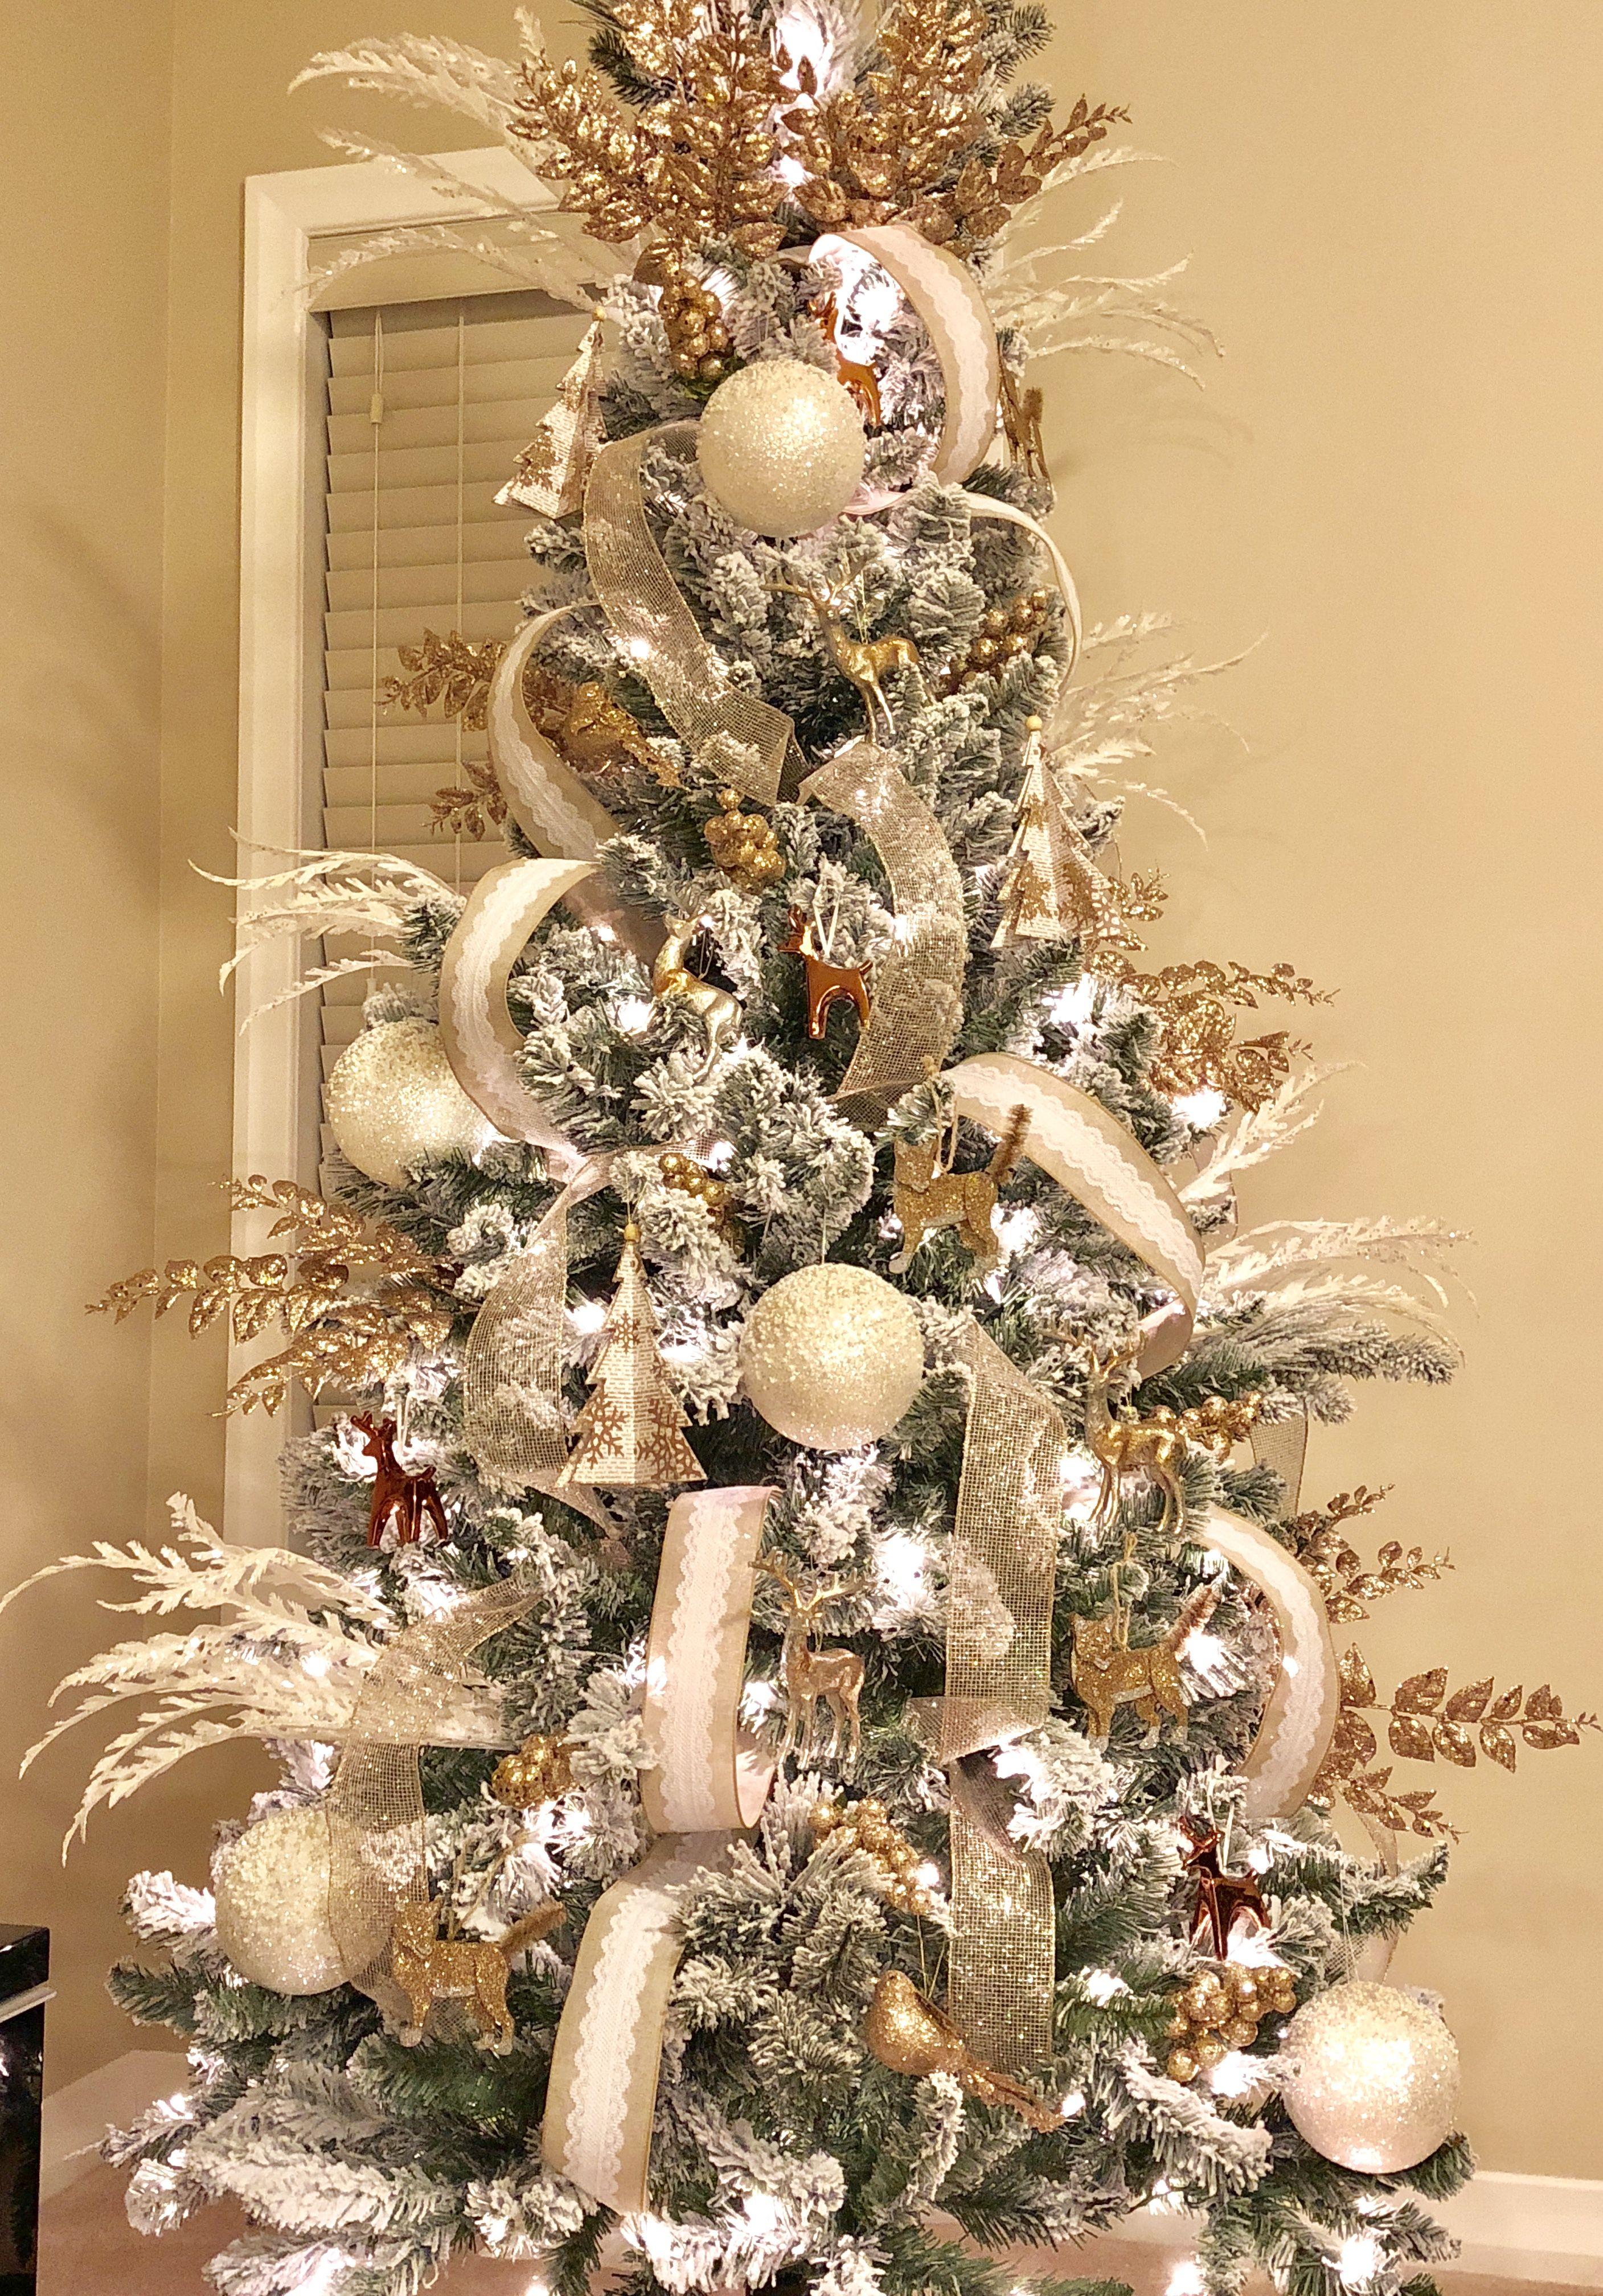 Christmas Tree Christmas Tree Christmas Decorations Christmas Wreaths